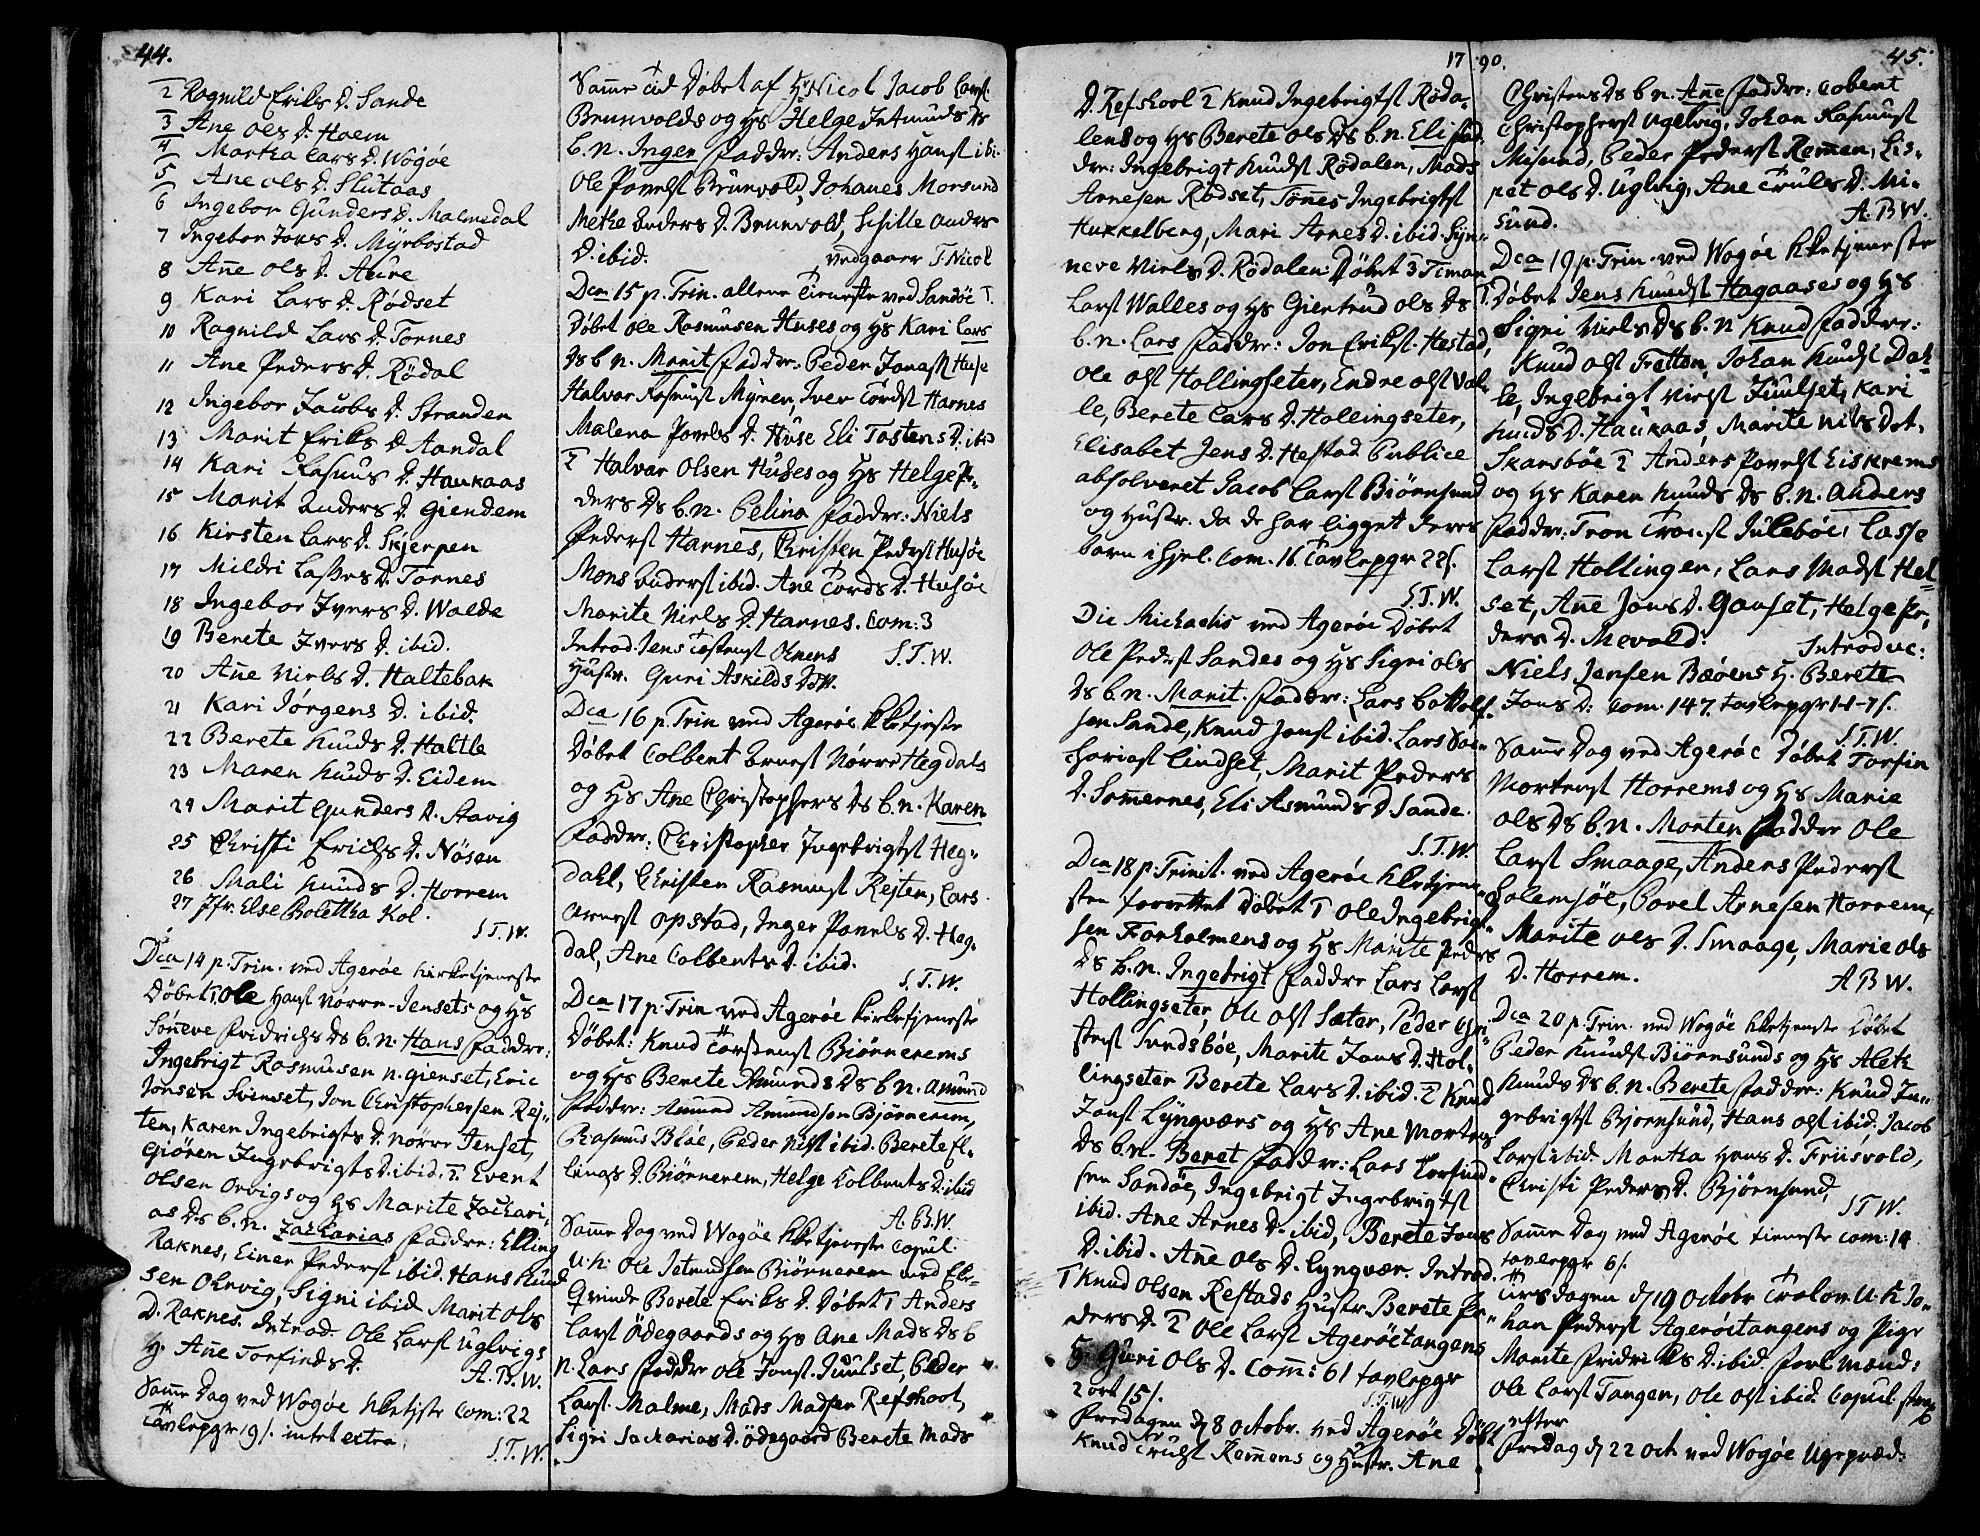 SAT, Ministerialprotokoller, klokkerbøker og fødselsregistre - Møre og Romsdal, 560/L0717: Ministerialbok nr. 560A01, 1785-1808, s. 44-45